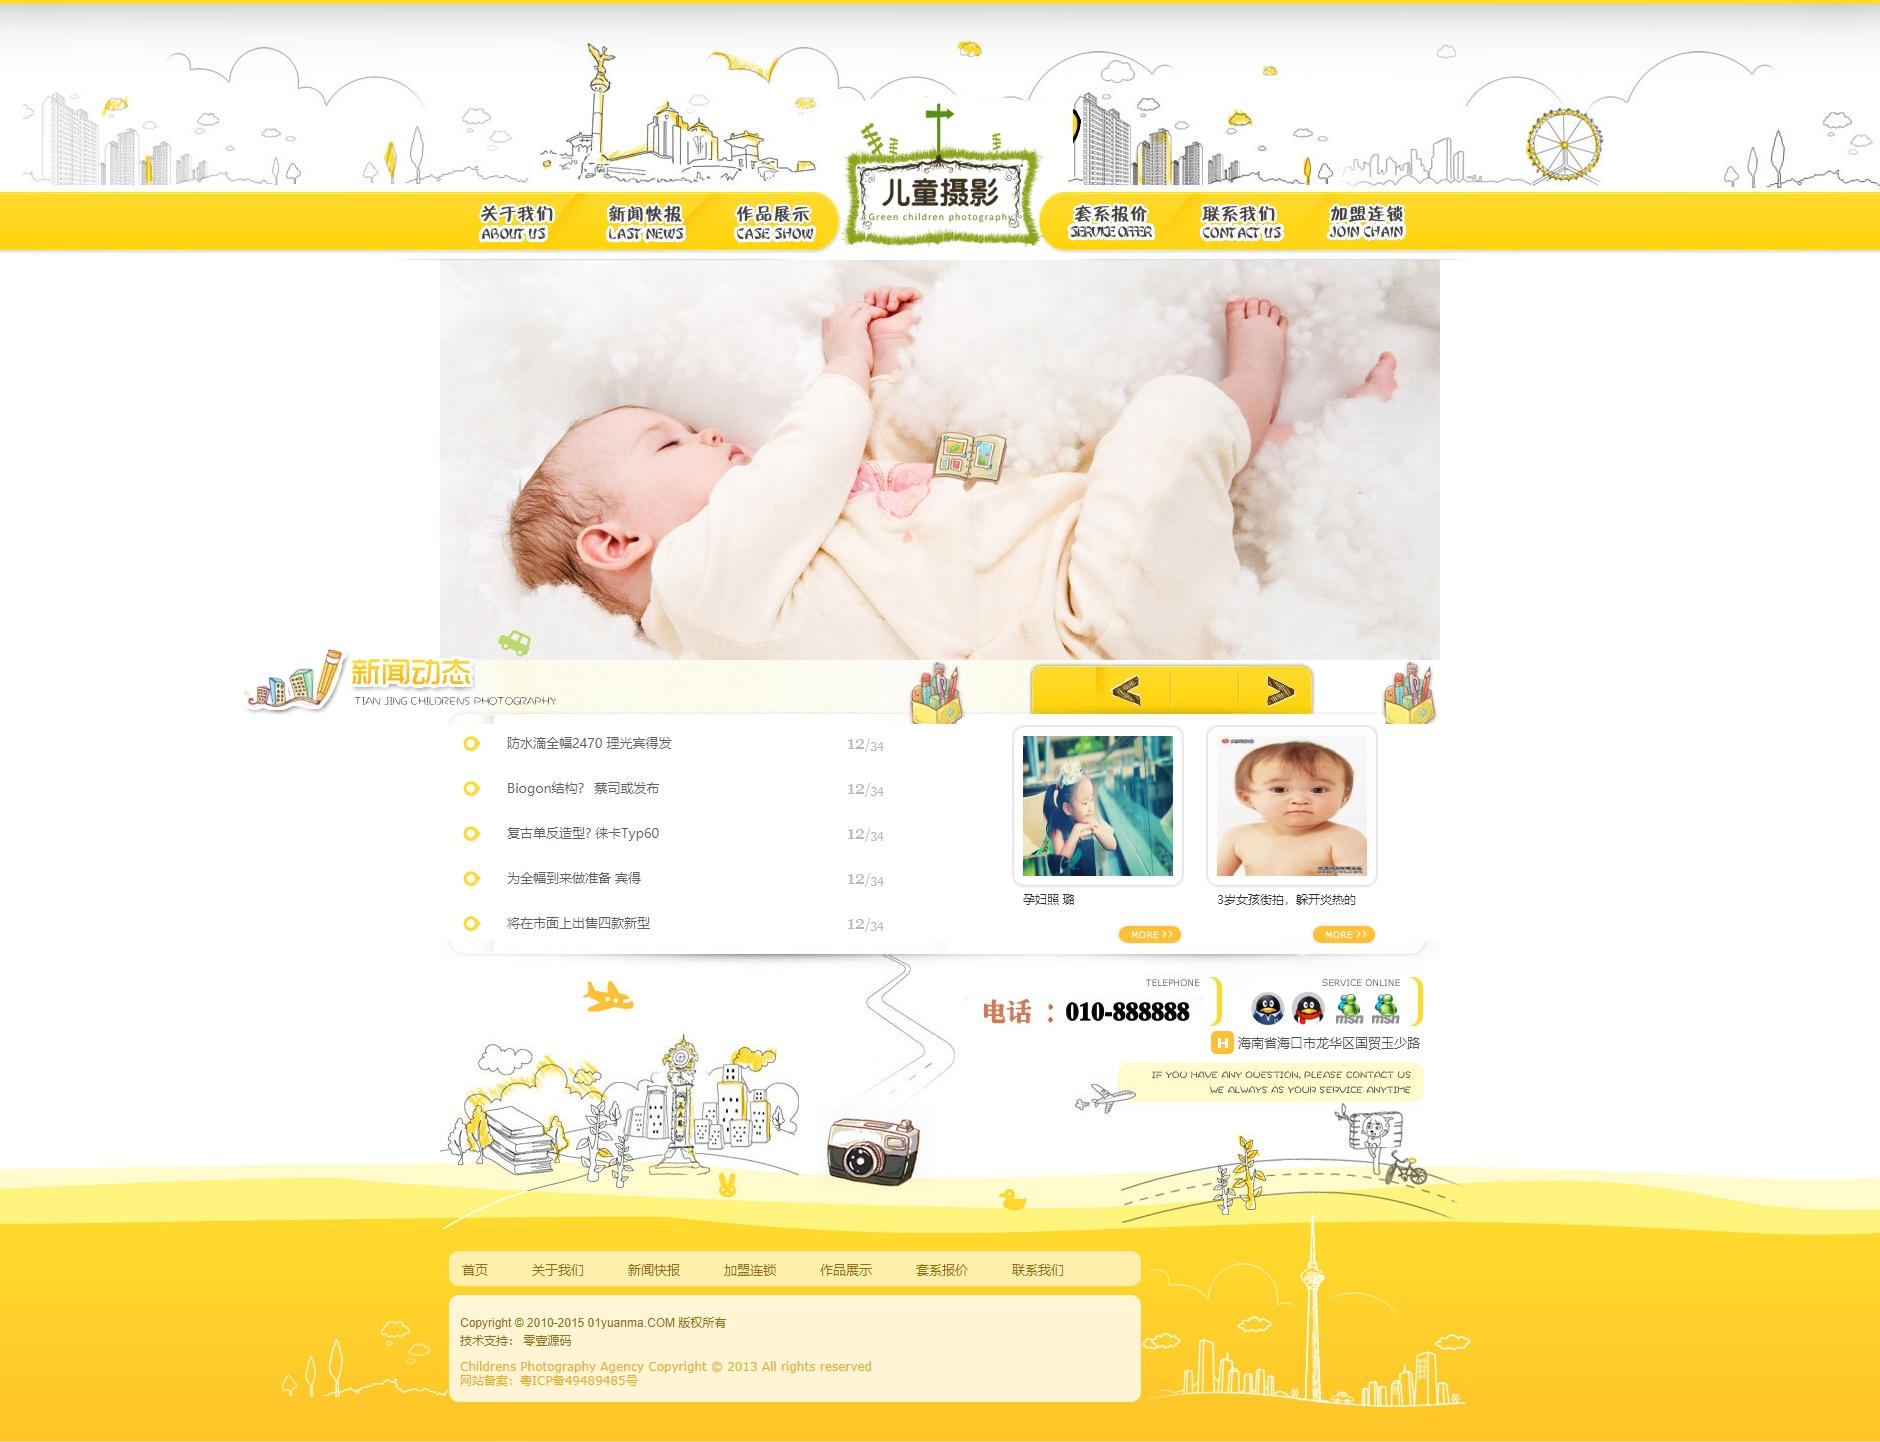 黄色儿童卡通幼儿摄影网站织梦dedecms模板